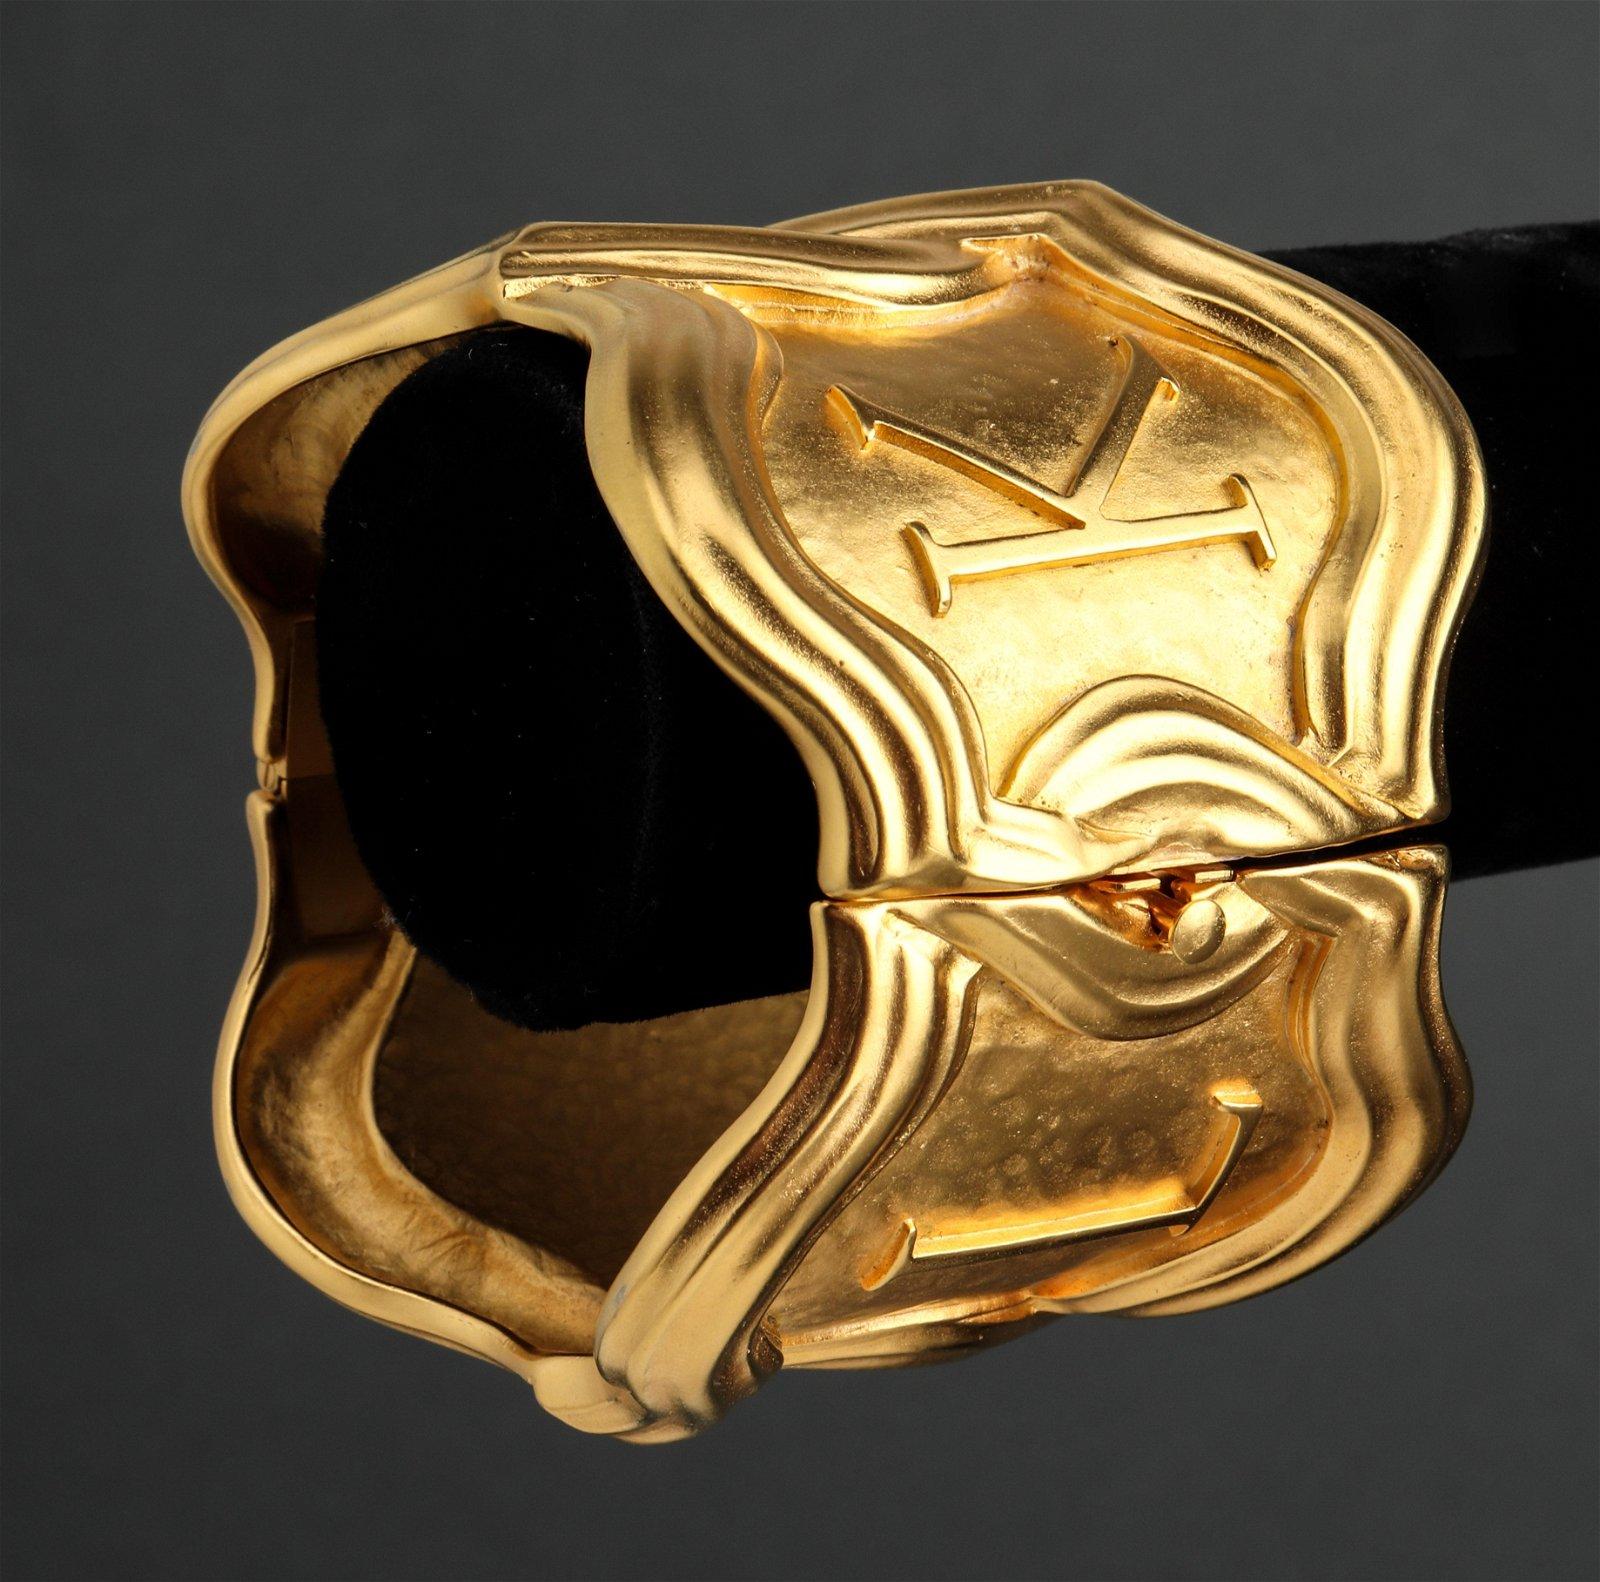 Karl Lagerfeld Runway Hinged Cuff Bracelet